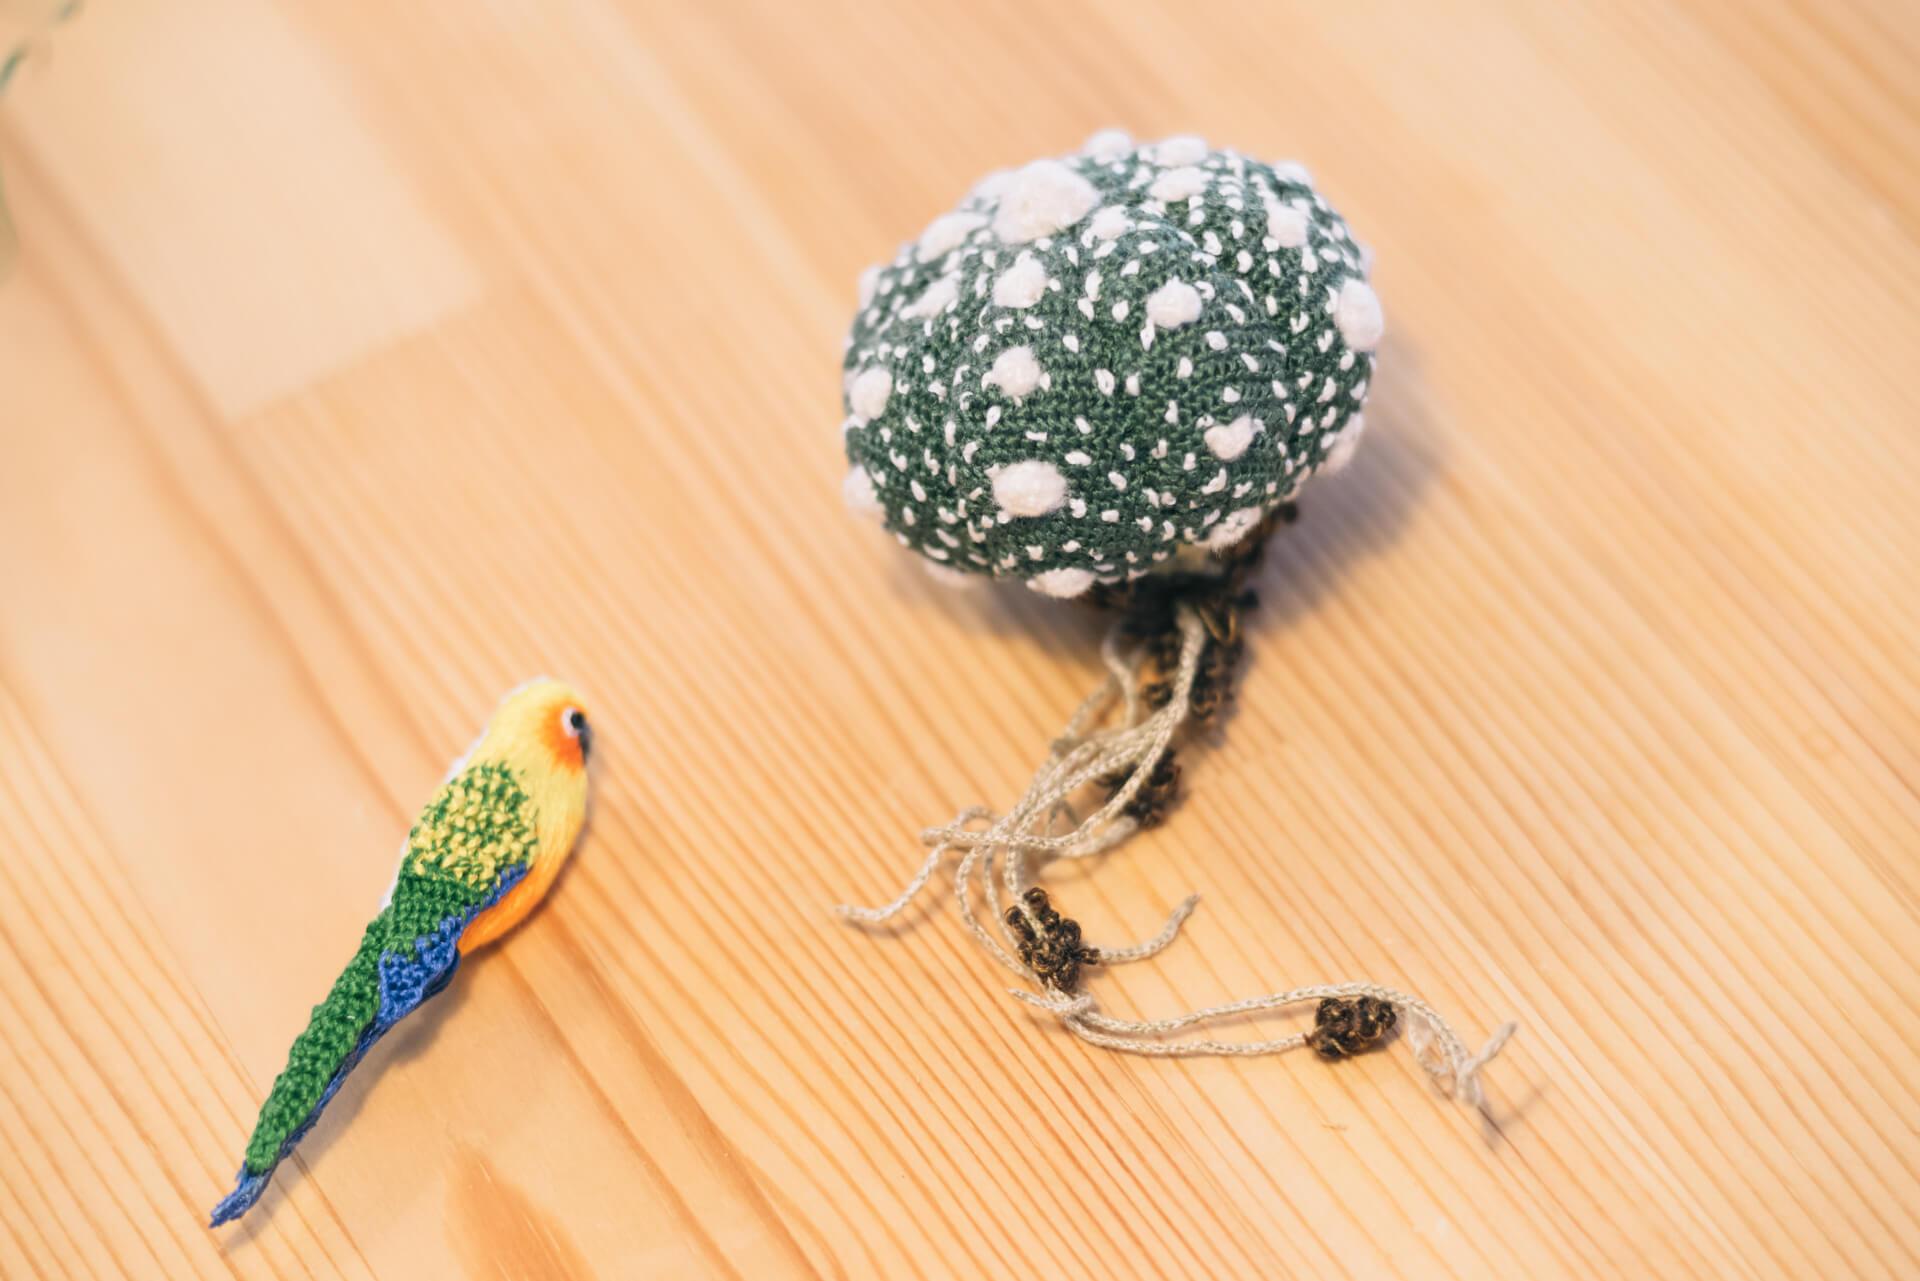 刺繍作家のHOPOTAさんによる、可愛らしいサボテンのブローチも。